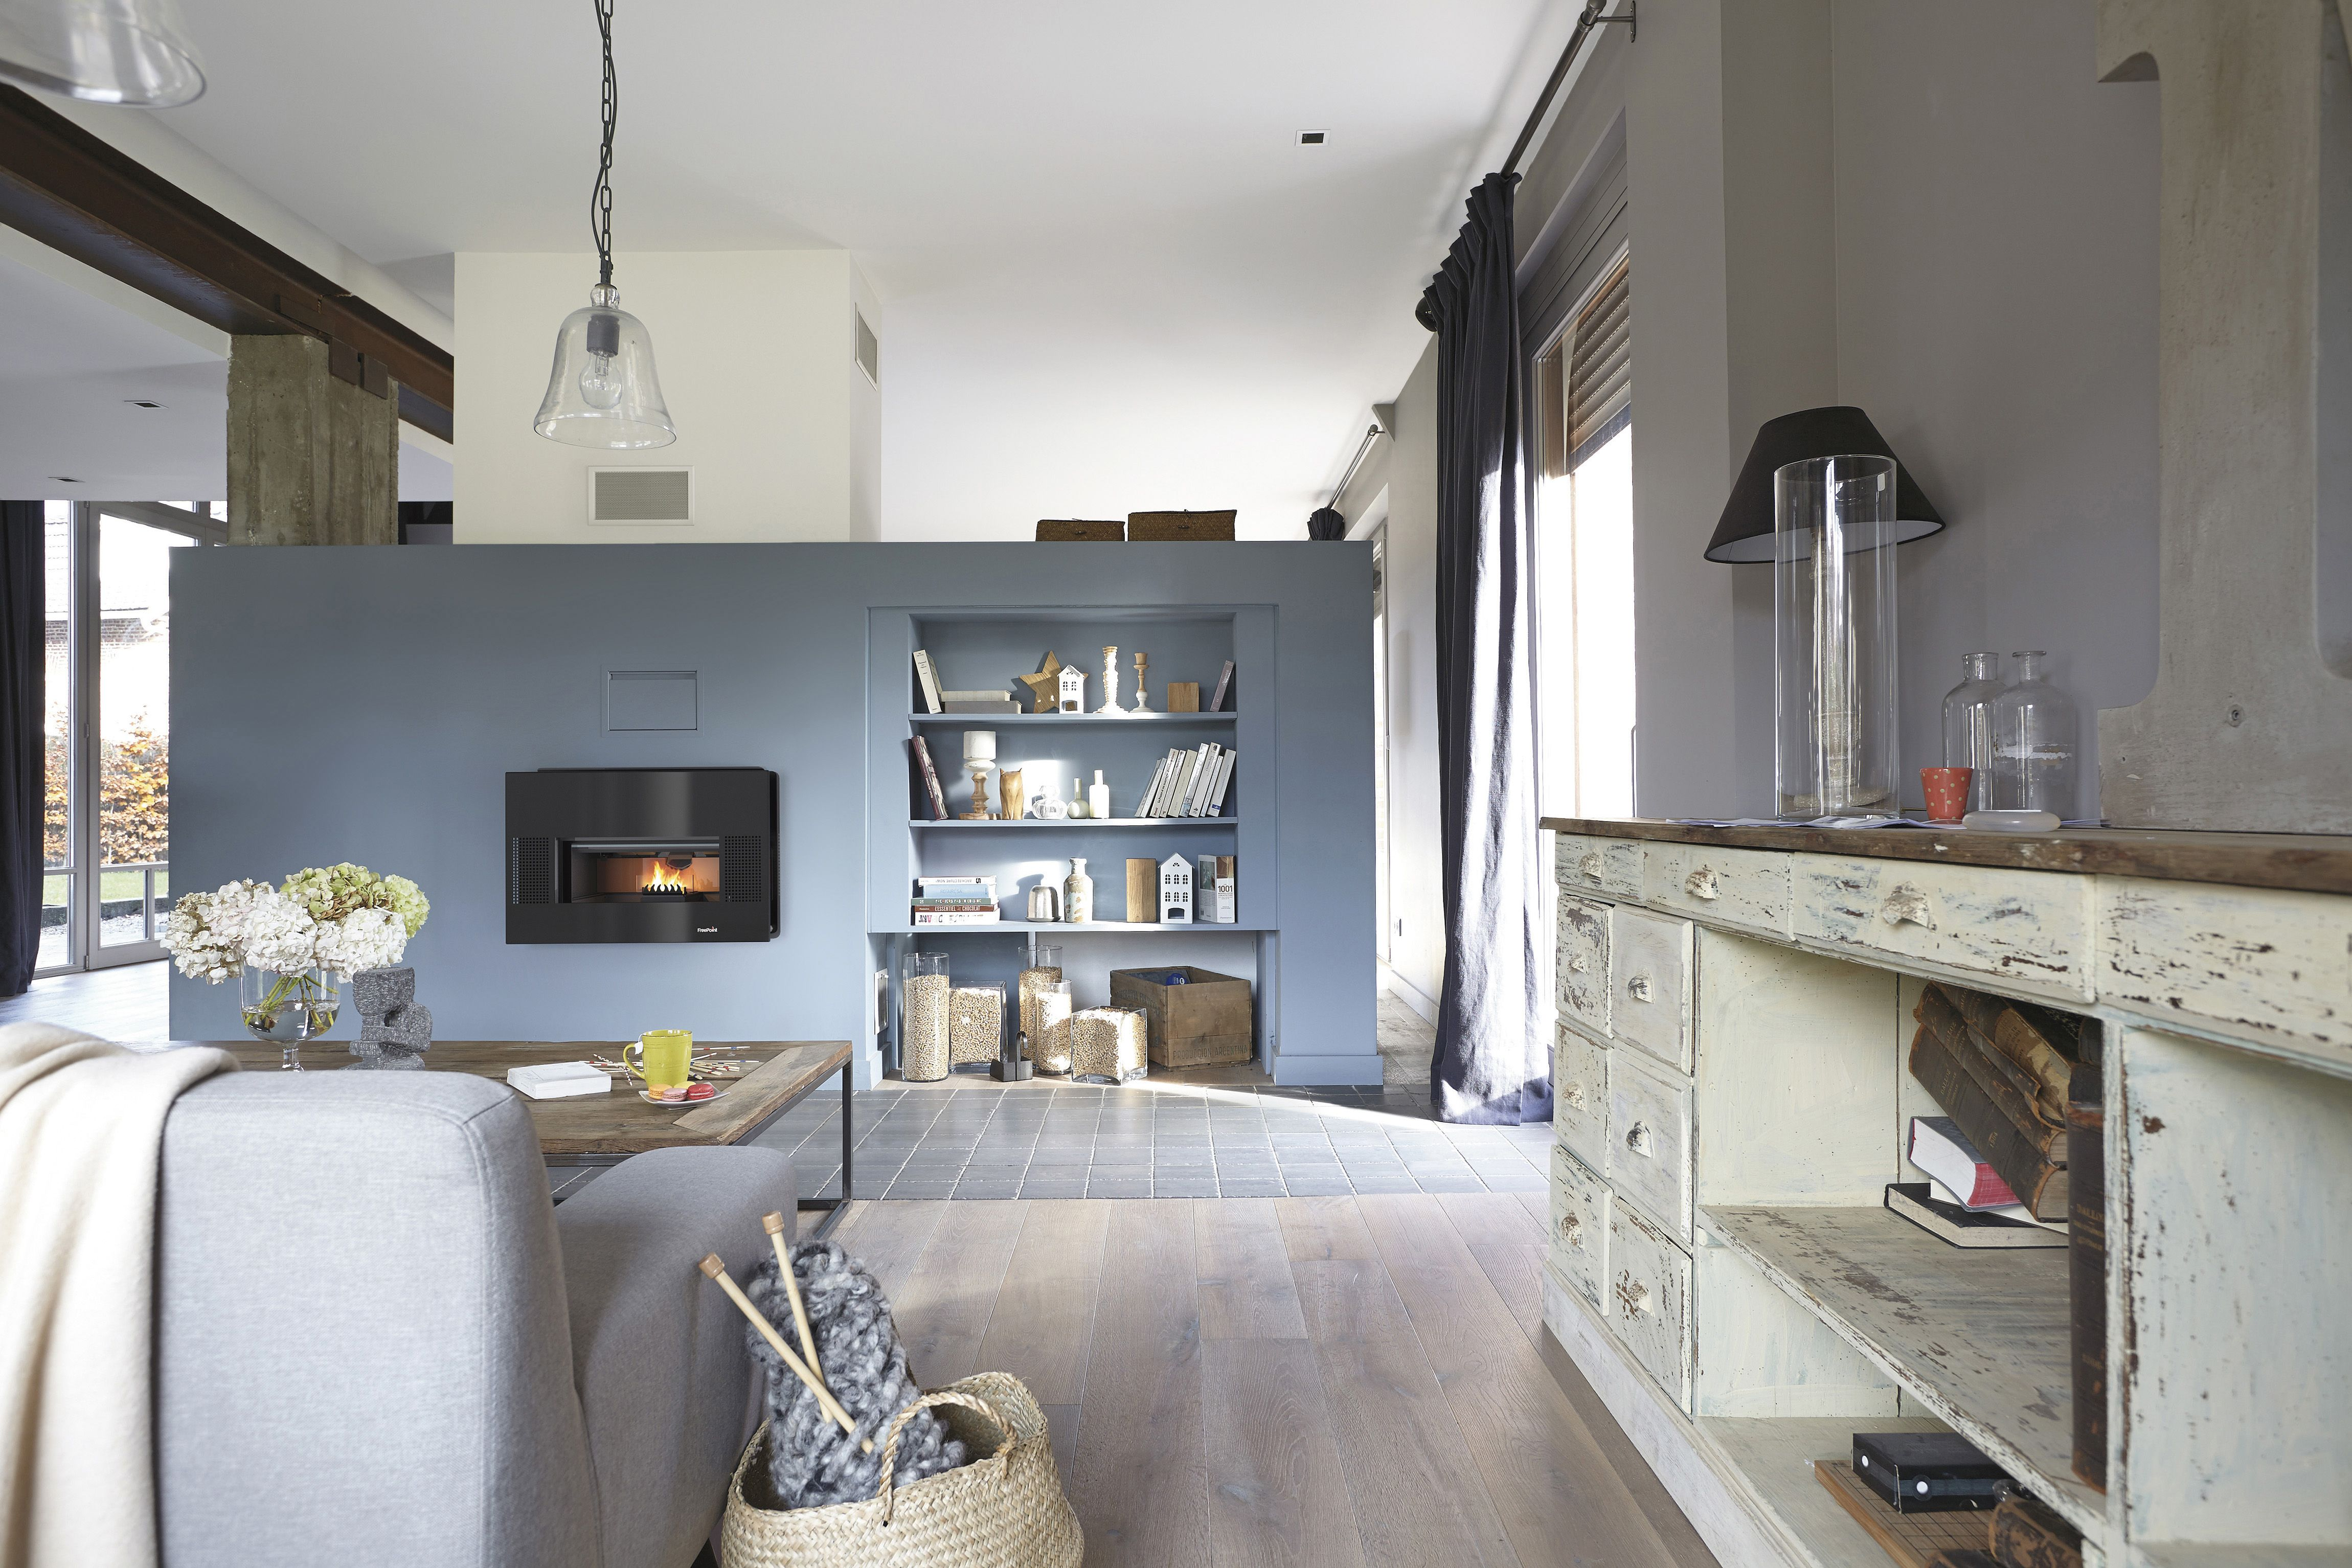 Un Foyer Chaleureux Au Coeur Du Sejour Homedecor Avec Images